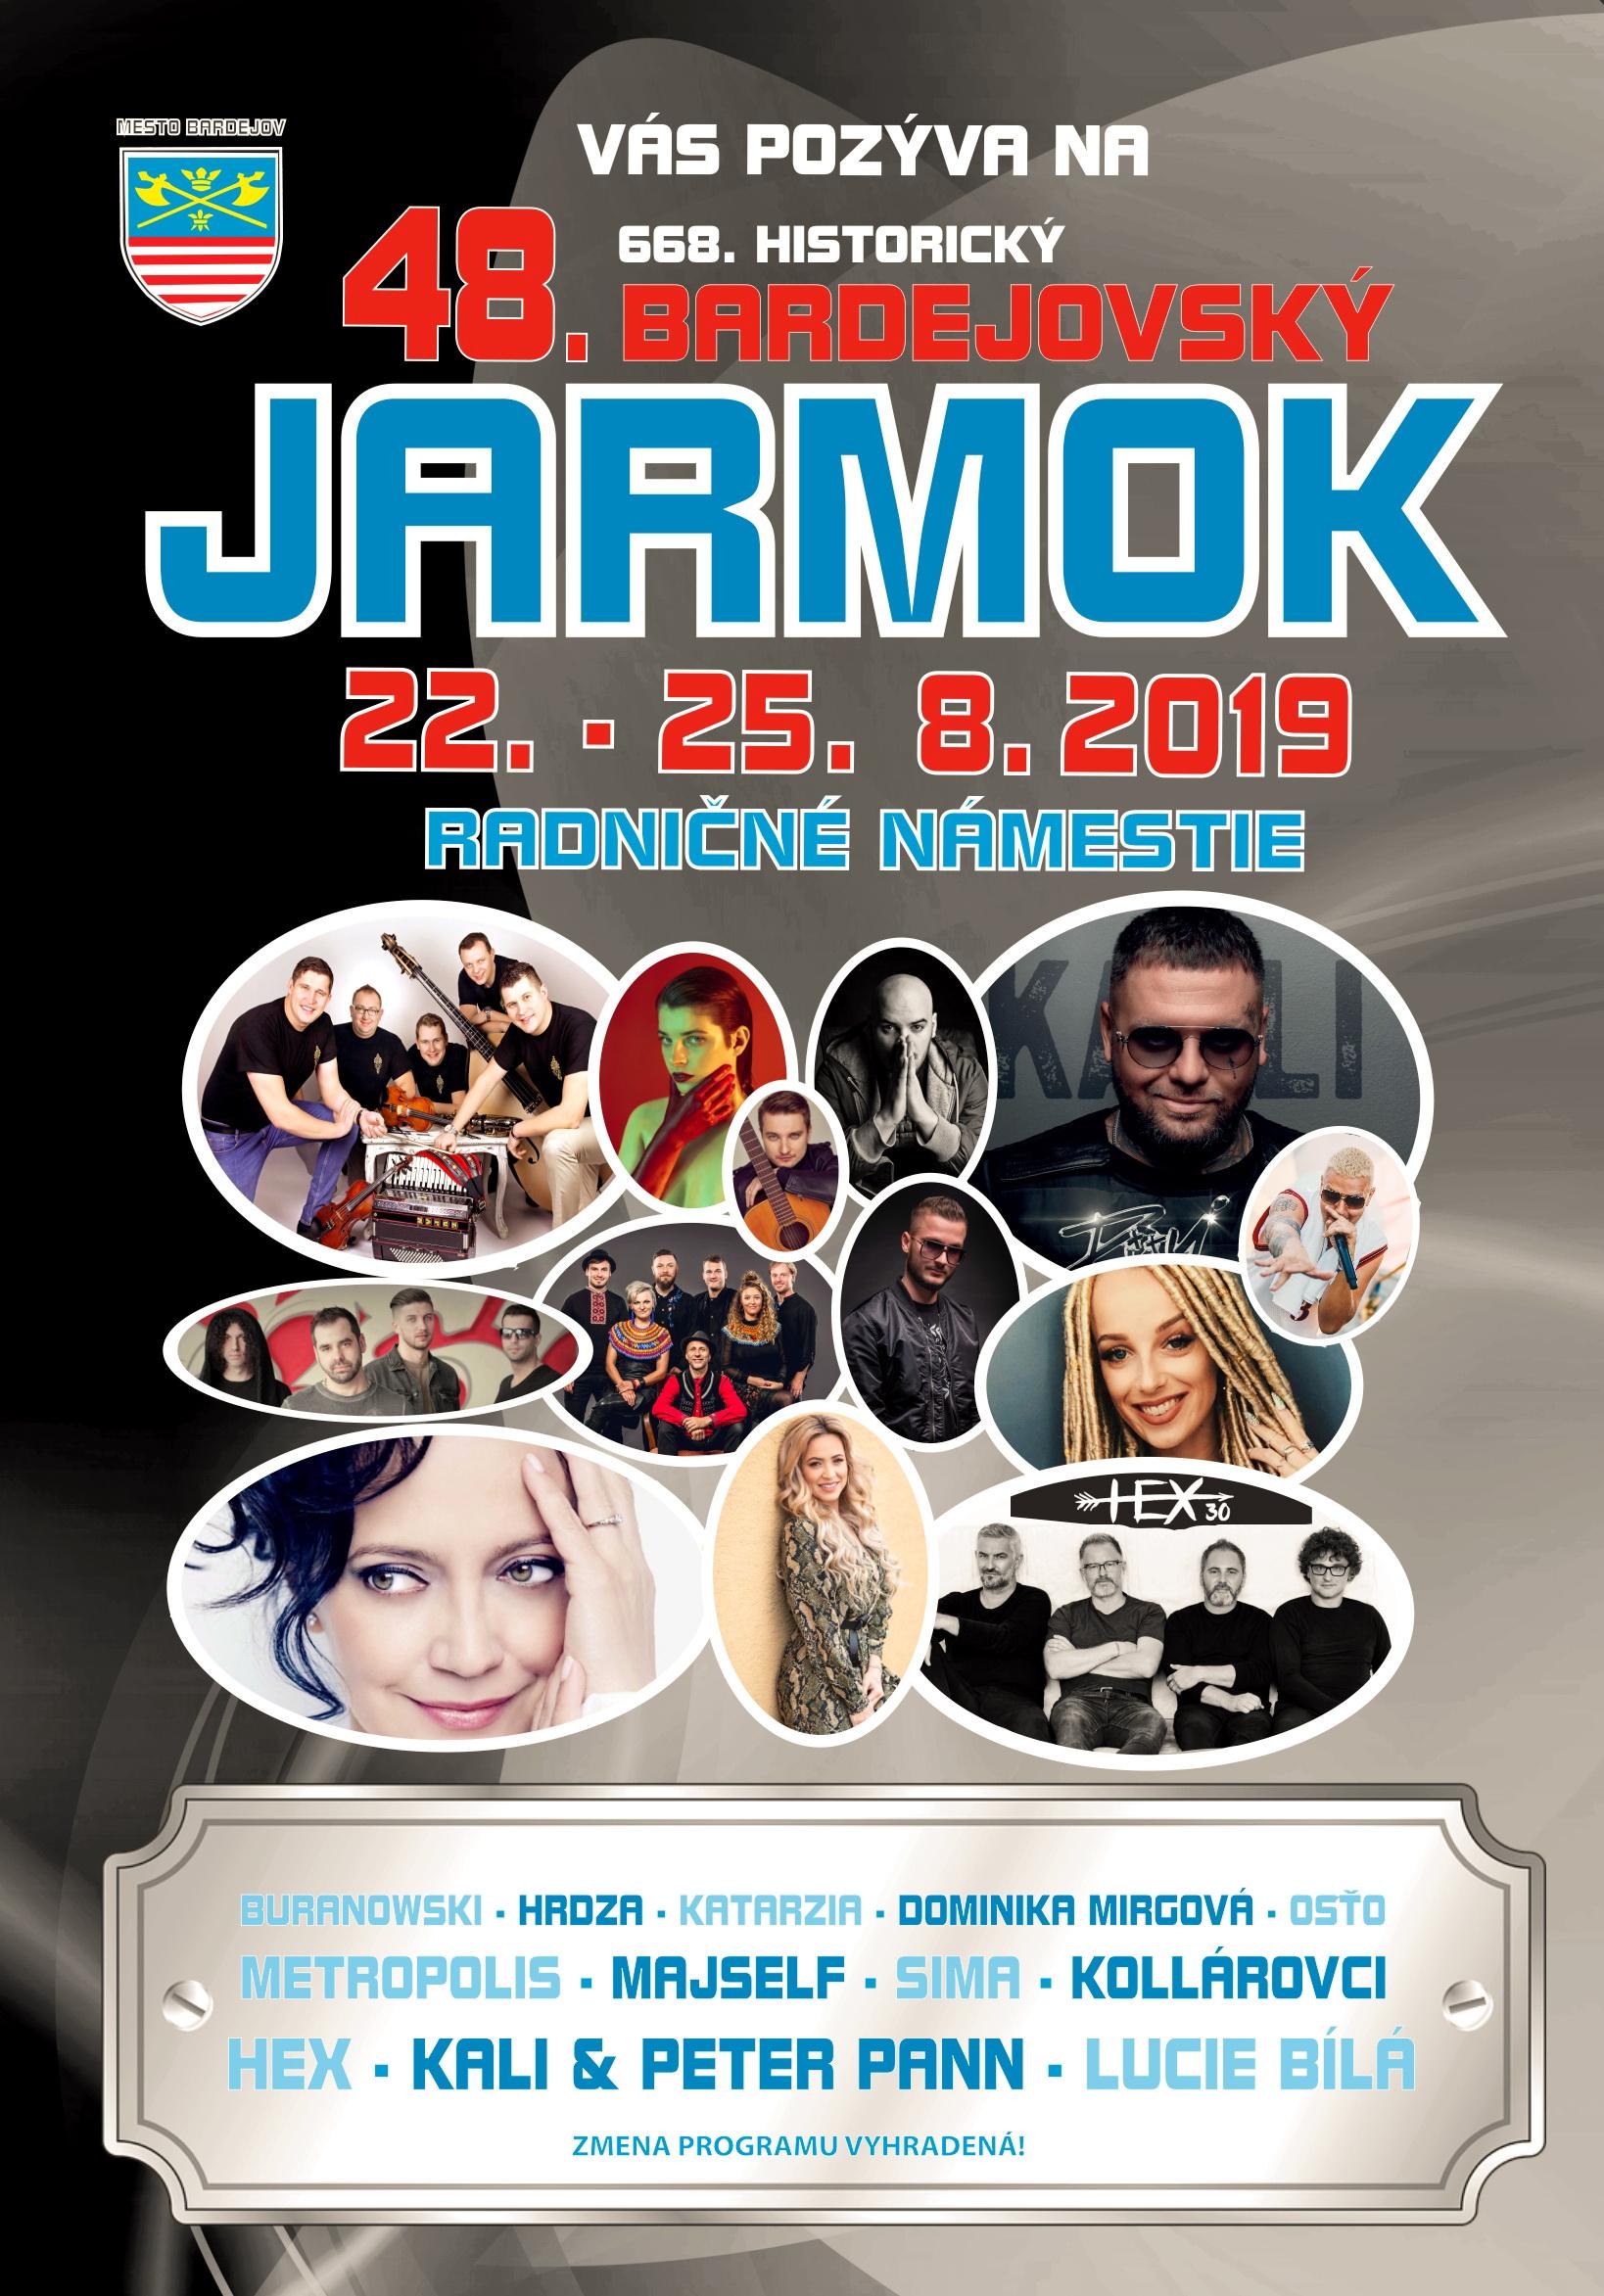 Program, kulrúrny proram, Jarmok 2019 Bardejov, Jarmok Bardejov 2019, Bardejov Jarmok 2019, 2019 jarmok Bardejov